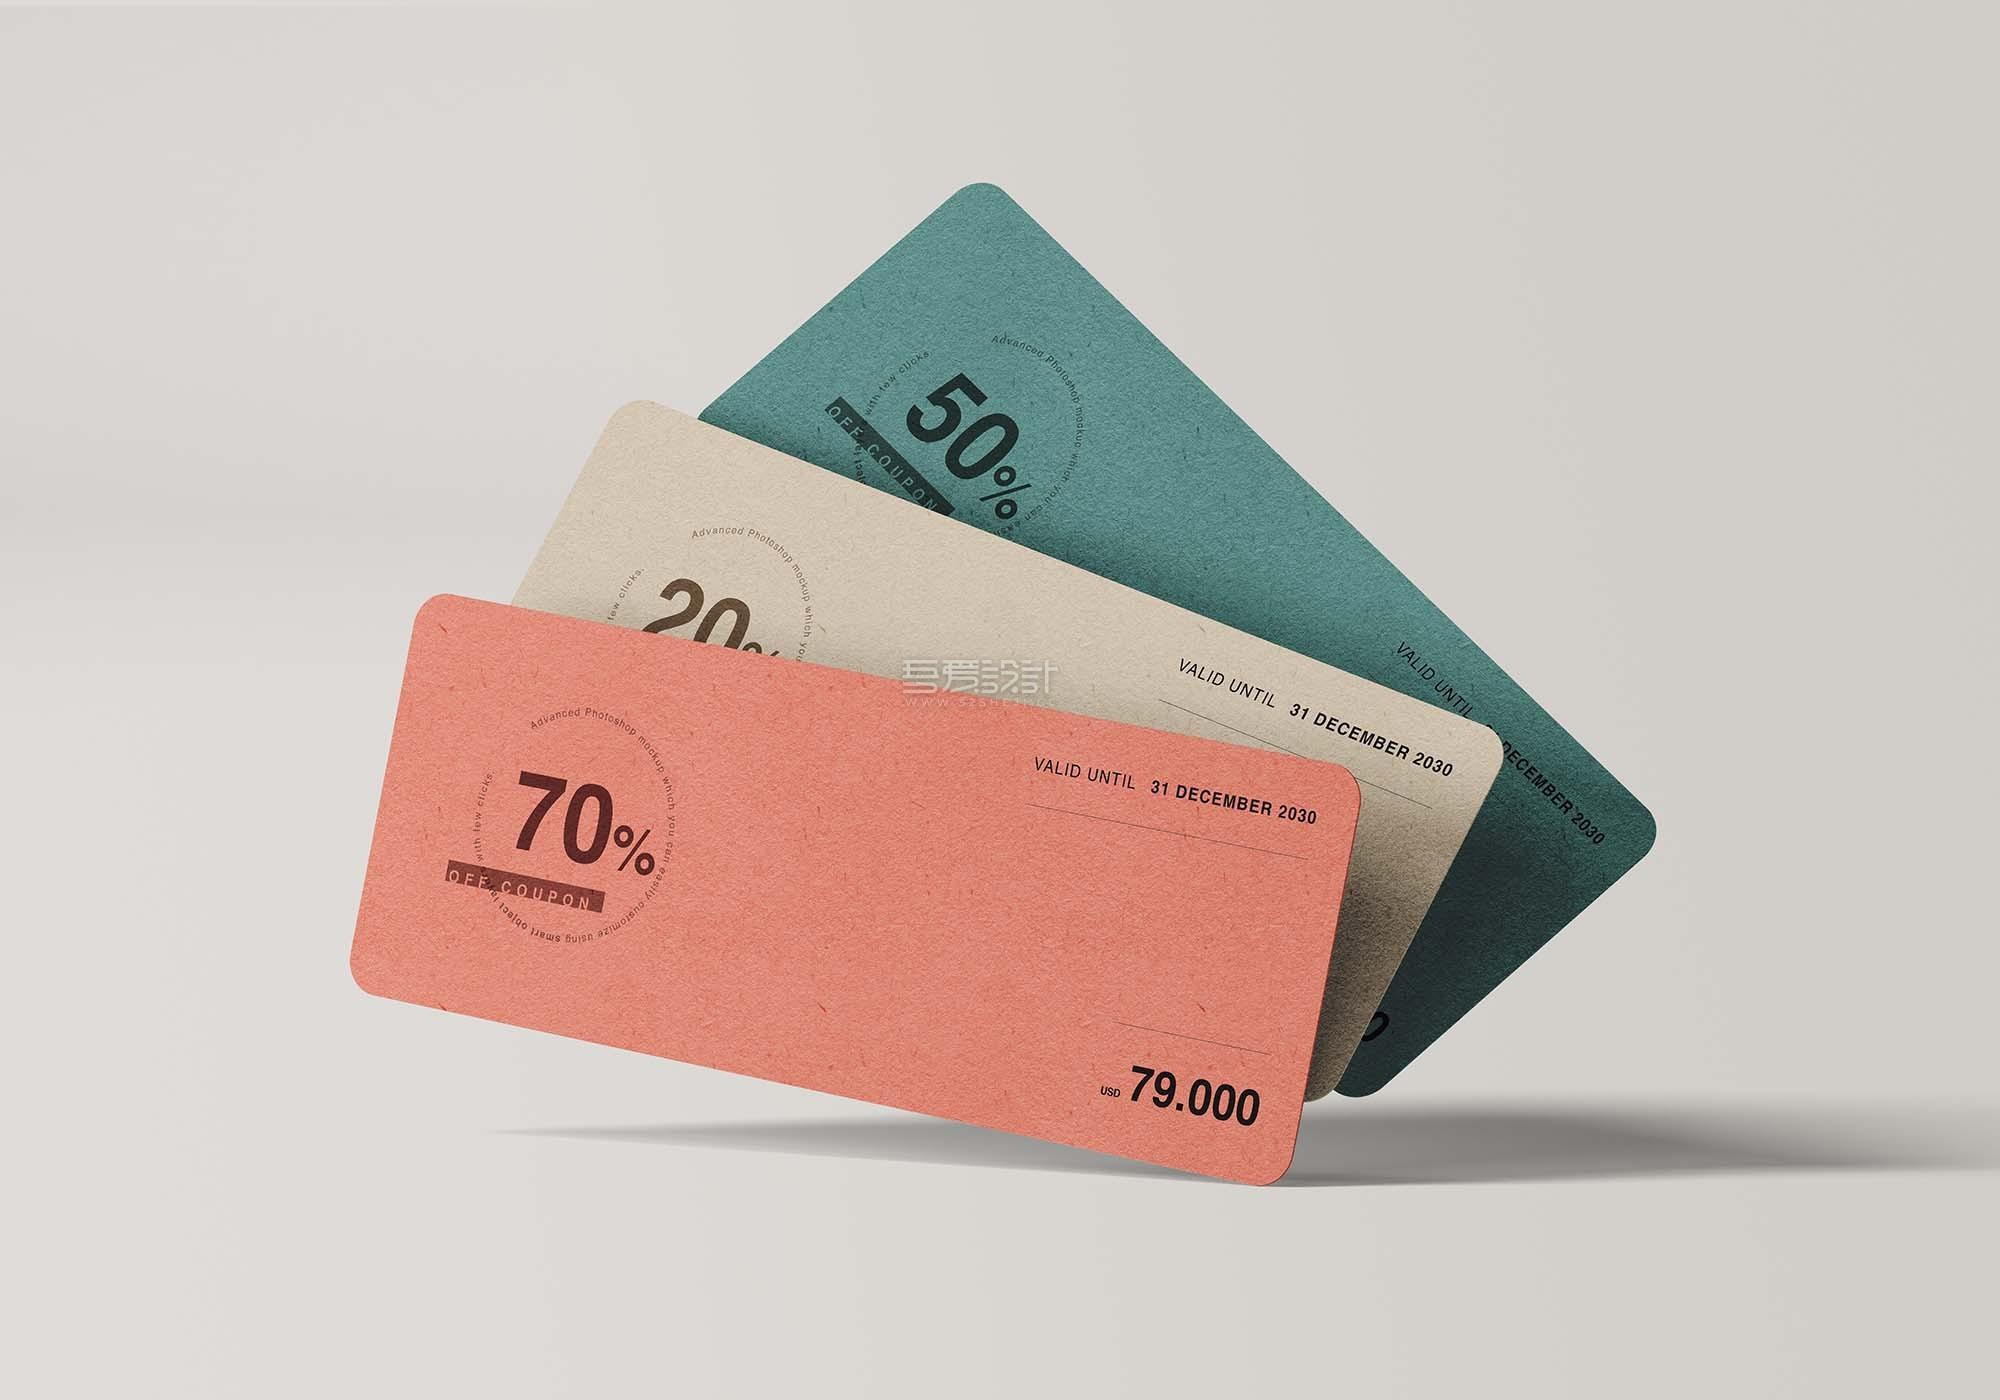 高品质优惠券门票入场券设计